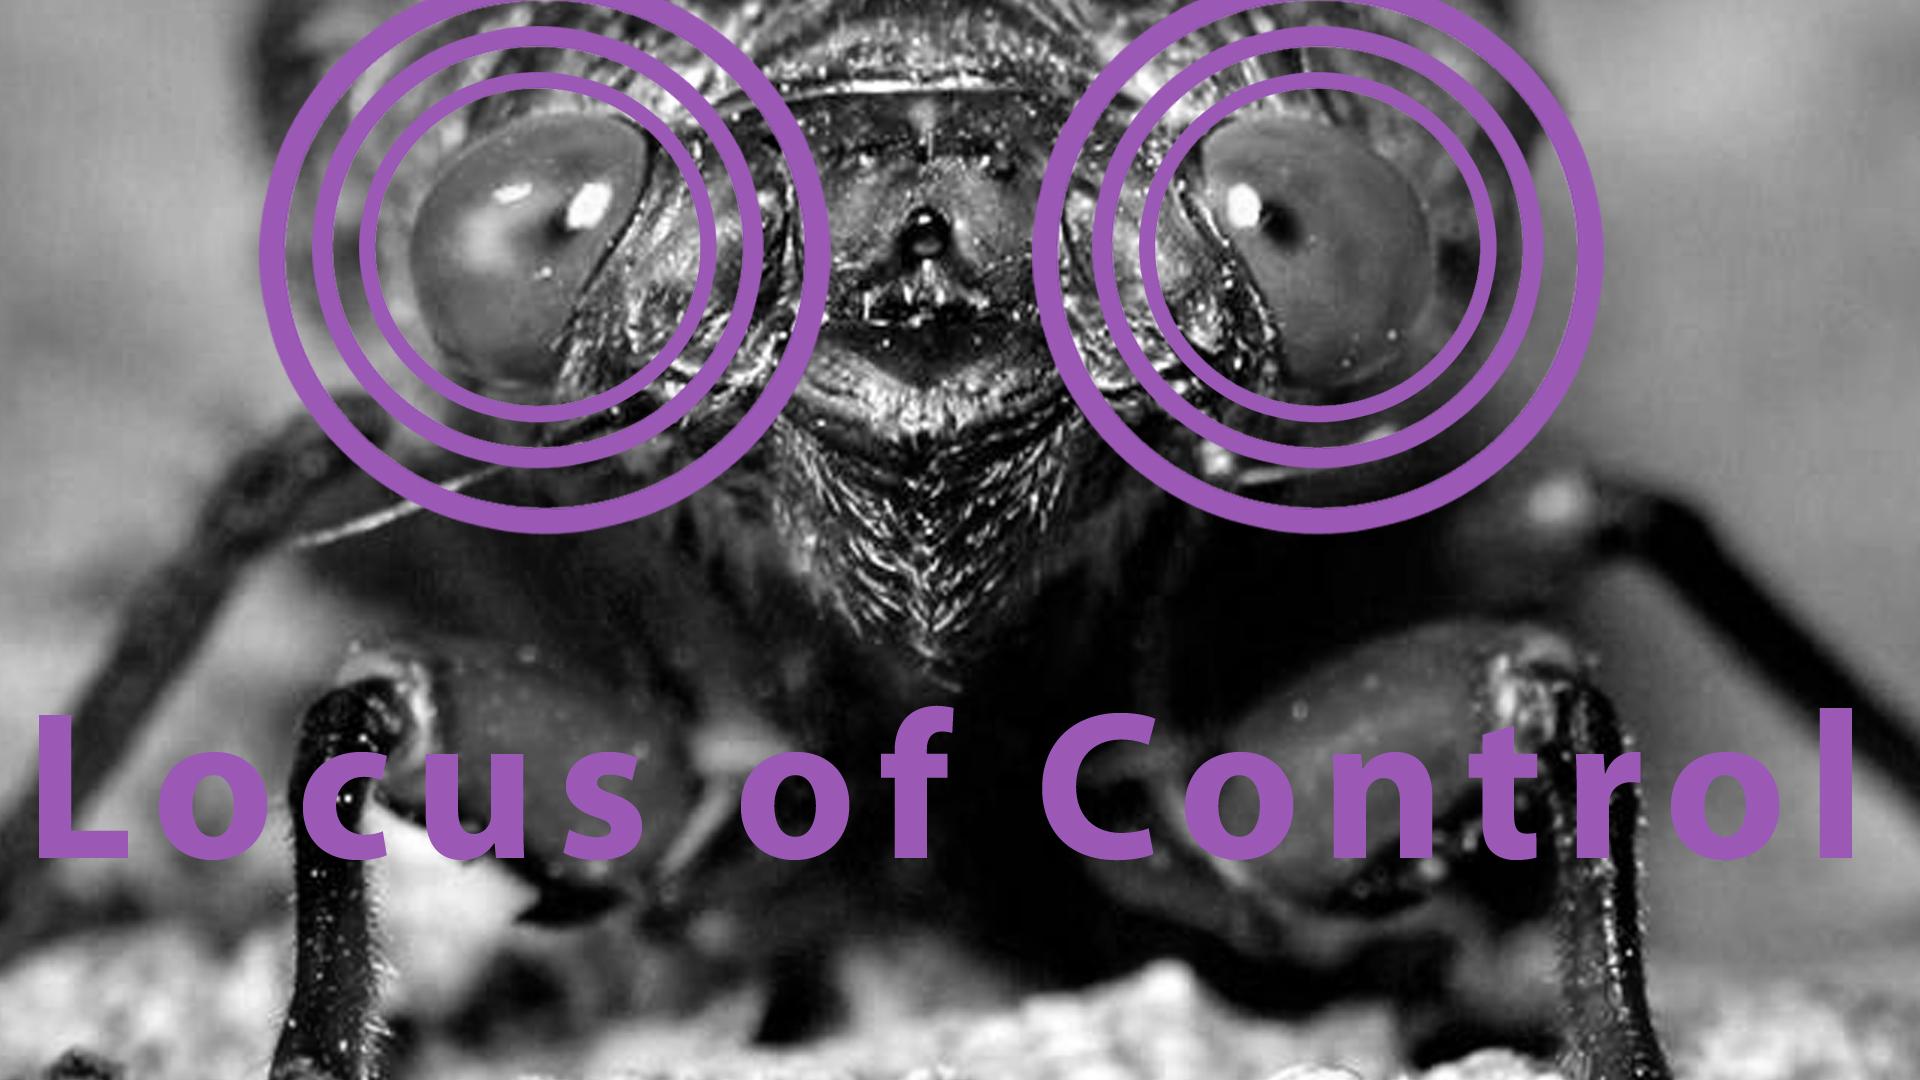 Rotter (1966) - Locus of Control